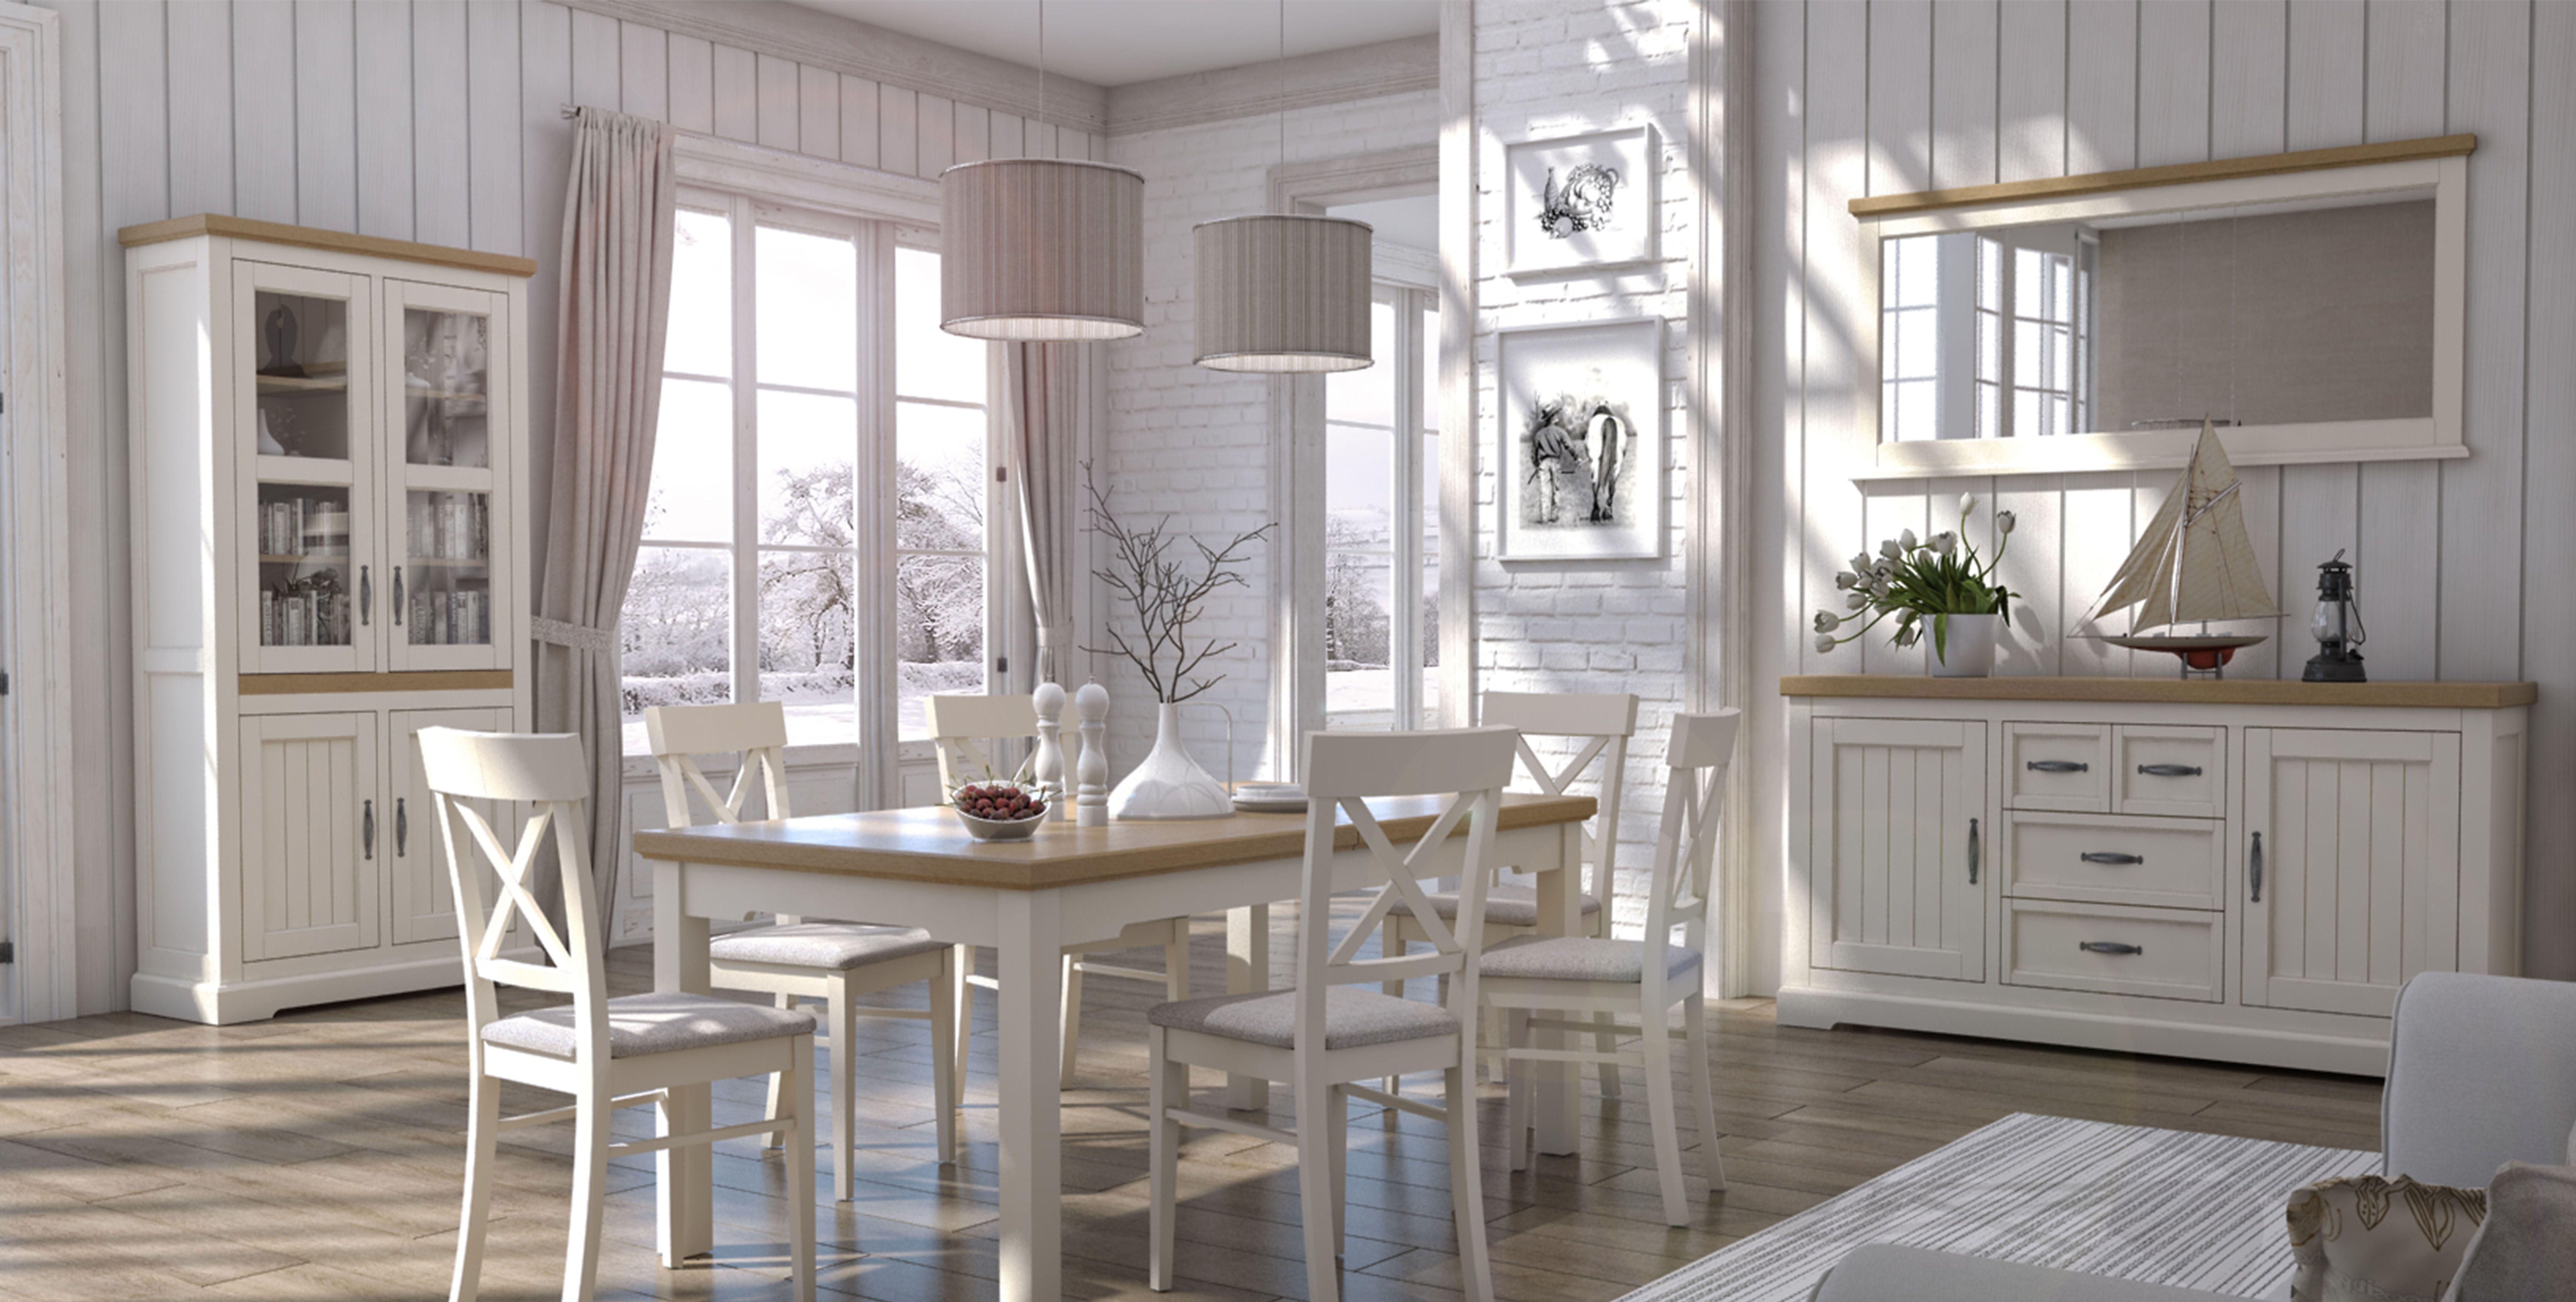 Esszimmer Komplett - Set B Solin, 10-teilig, teilmassiv, Farbe: Eiche weiß/natur